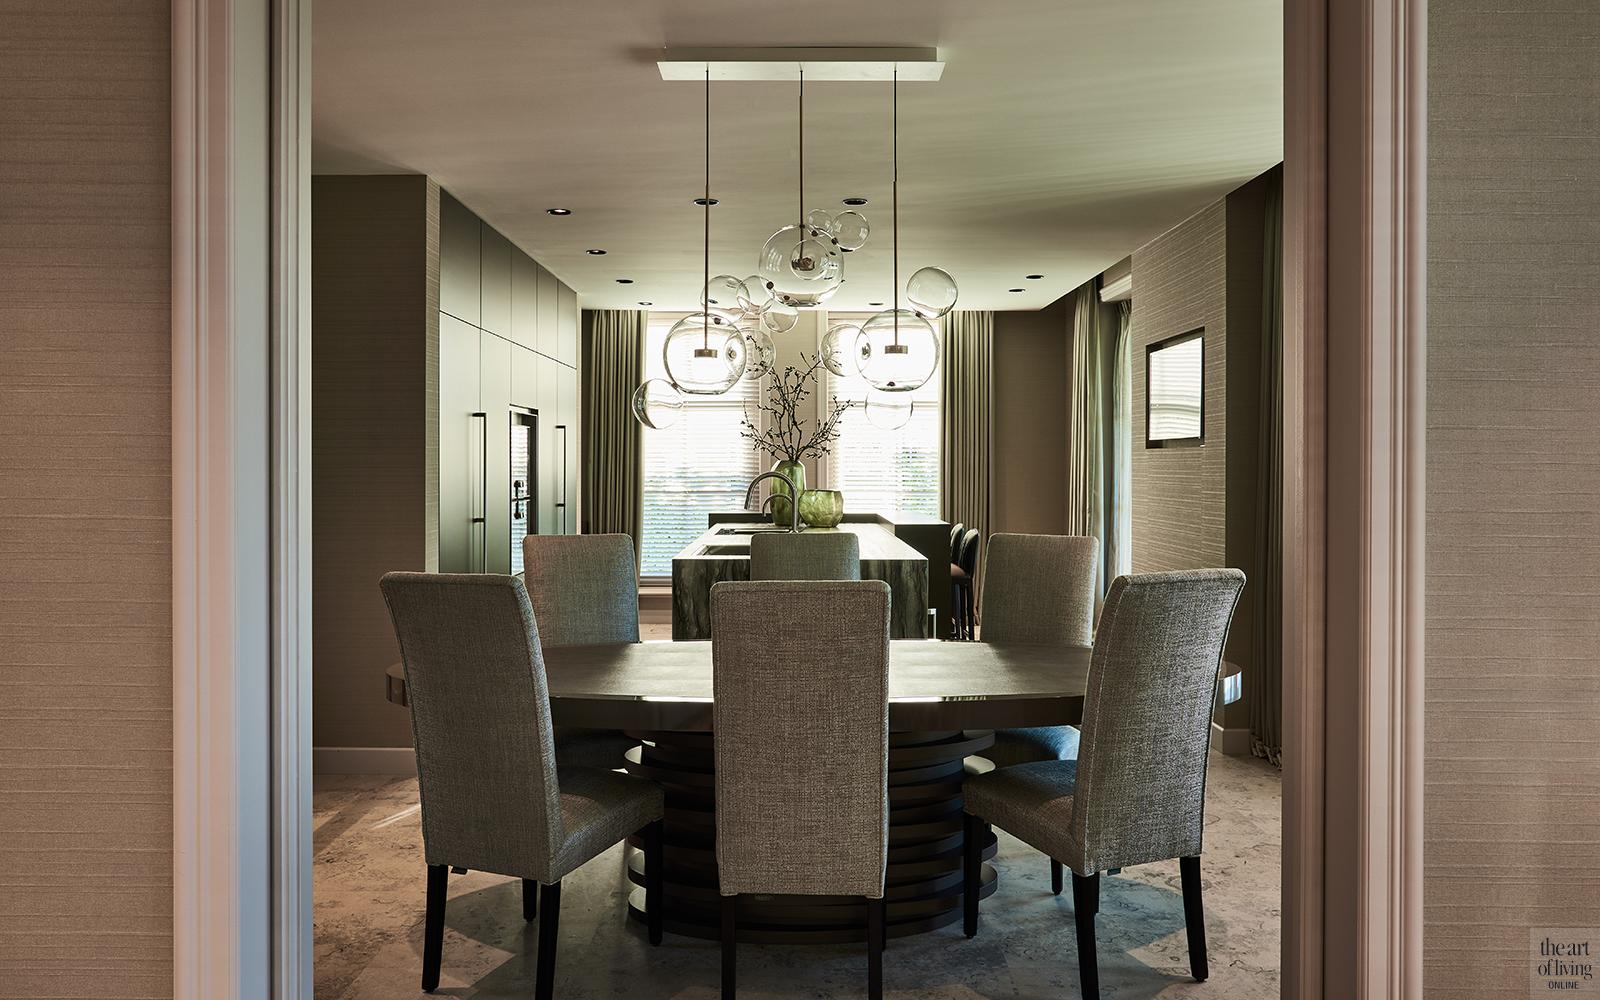 Exclusief interieur, Eric Kuster, Culimaat, Metropolitan Luxury, Eetkamer, Eettafel, Design meubels, Lichtarmatuur, Design